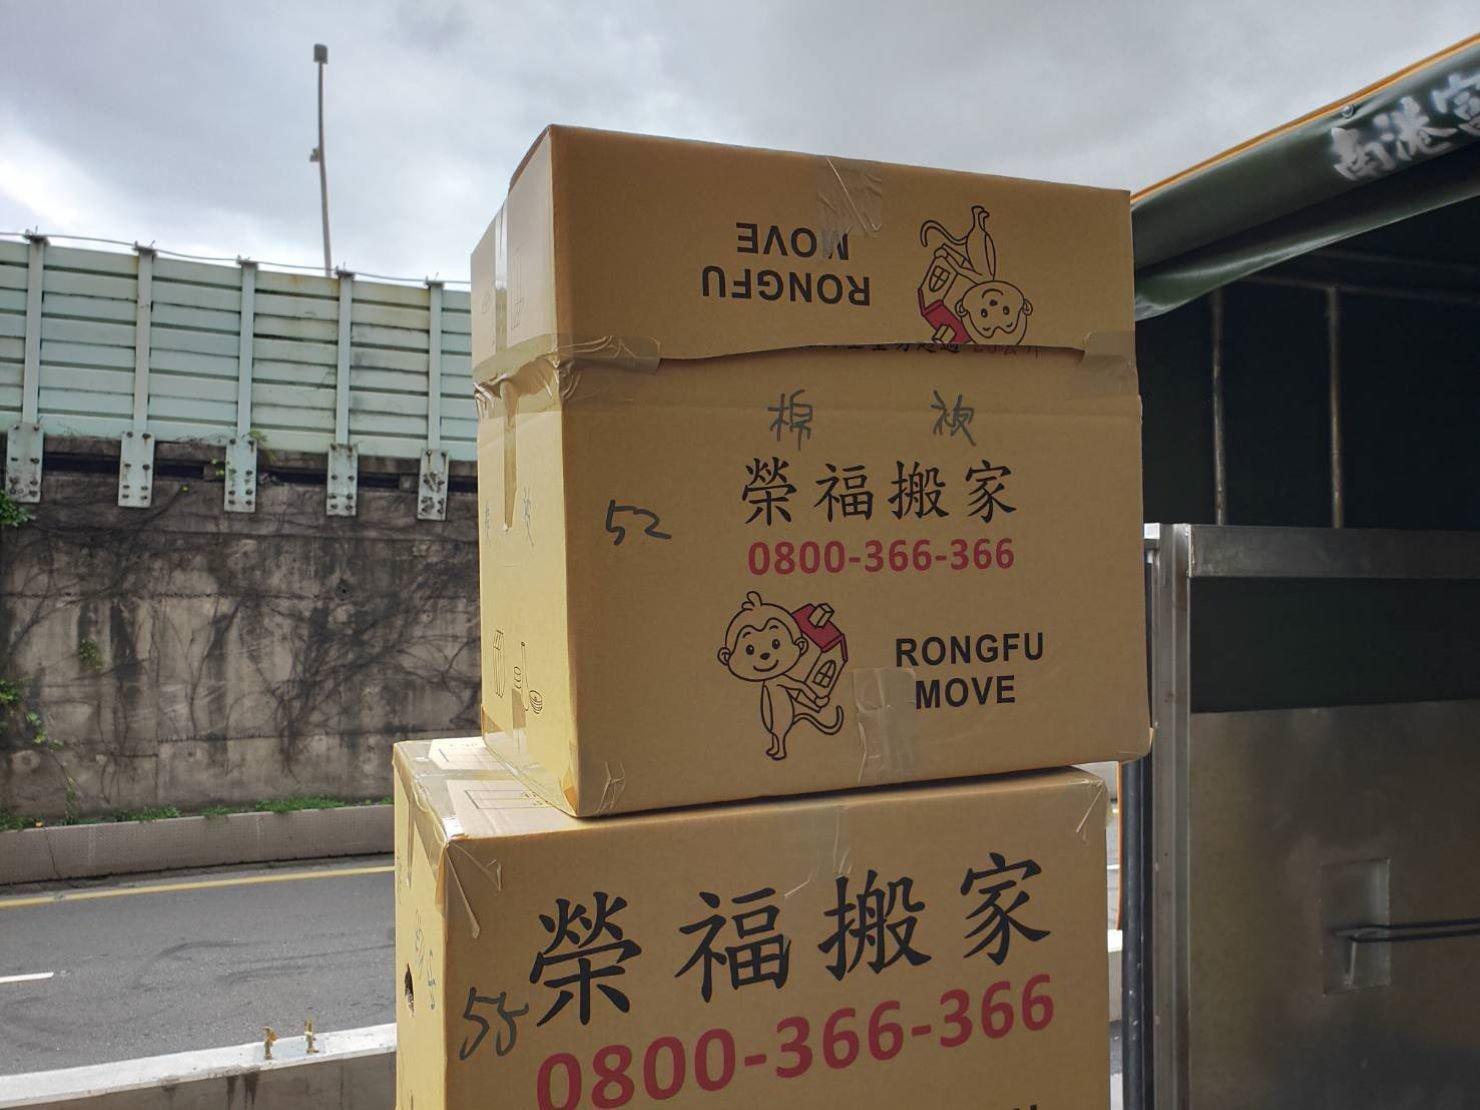 搬家公司推薦【榮福搬家公司】搬家公司首選、台北搬家、新北搬家公司推薦:搬金庫、保險櫃搬運、搬重物、搬佛像、家庭搬家等搬運服務,包裝搬運、打包裝箱「細膩包裝、專業搬運、用心服務、以客為尊」是榮福搬家公司的宗旨與精神。歡迎立即來電02-2651-2727專人服務。